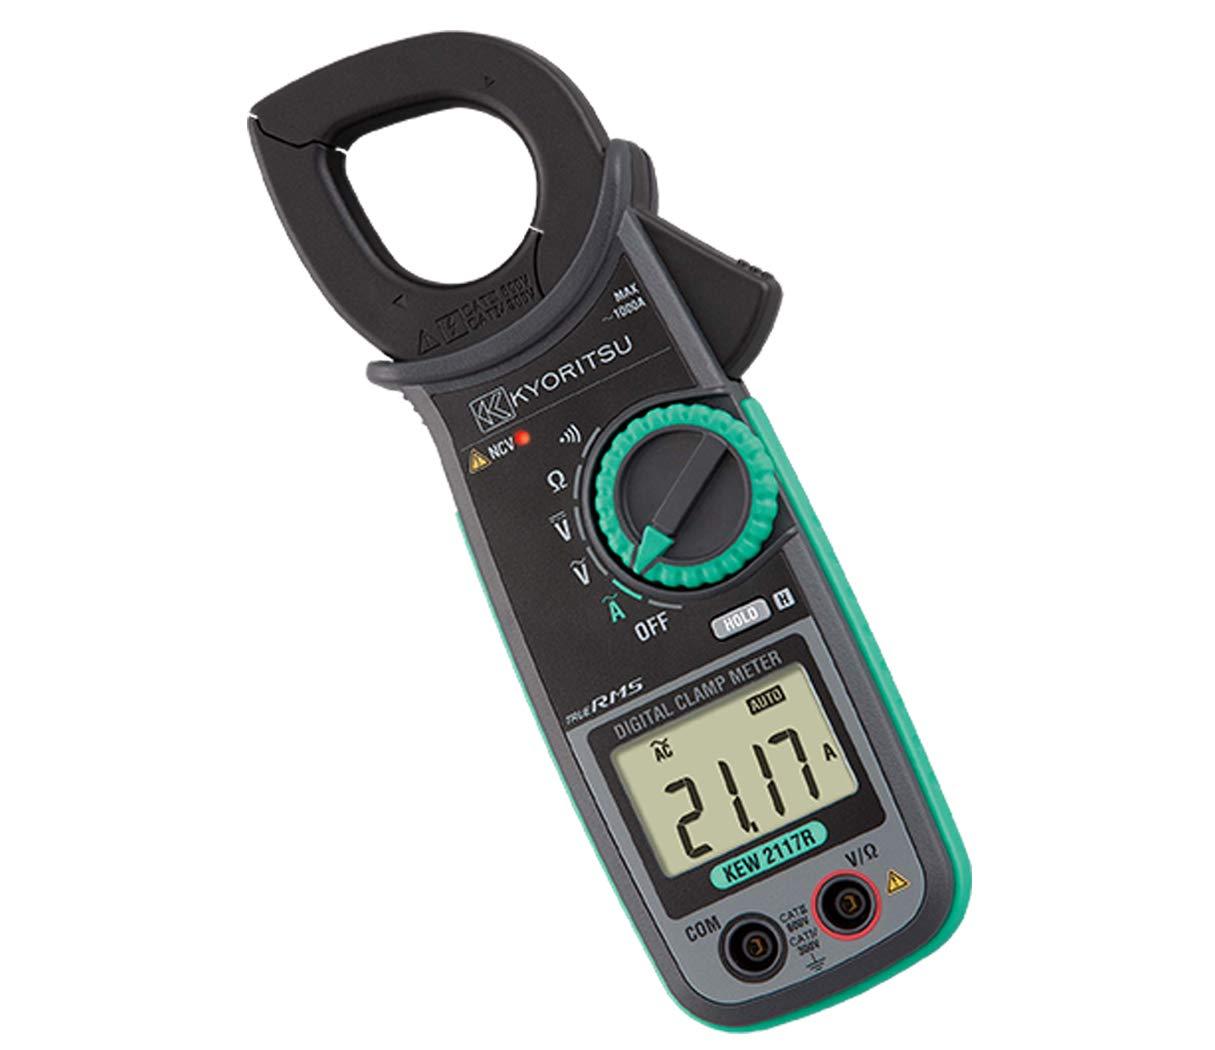 Kyoritsu AC Digital Clamp Meter KEW 2117R : Amazon.in: Industrial &  Scientific